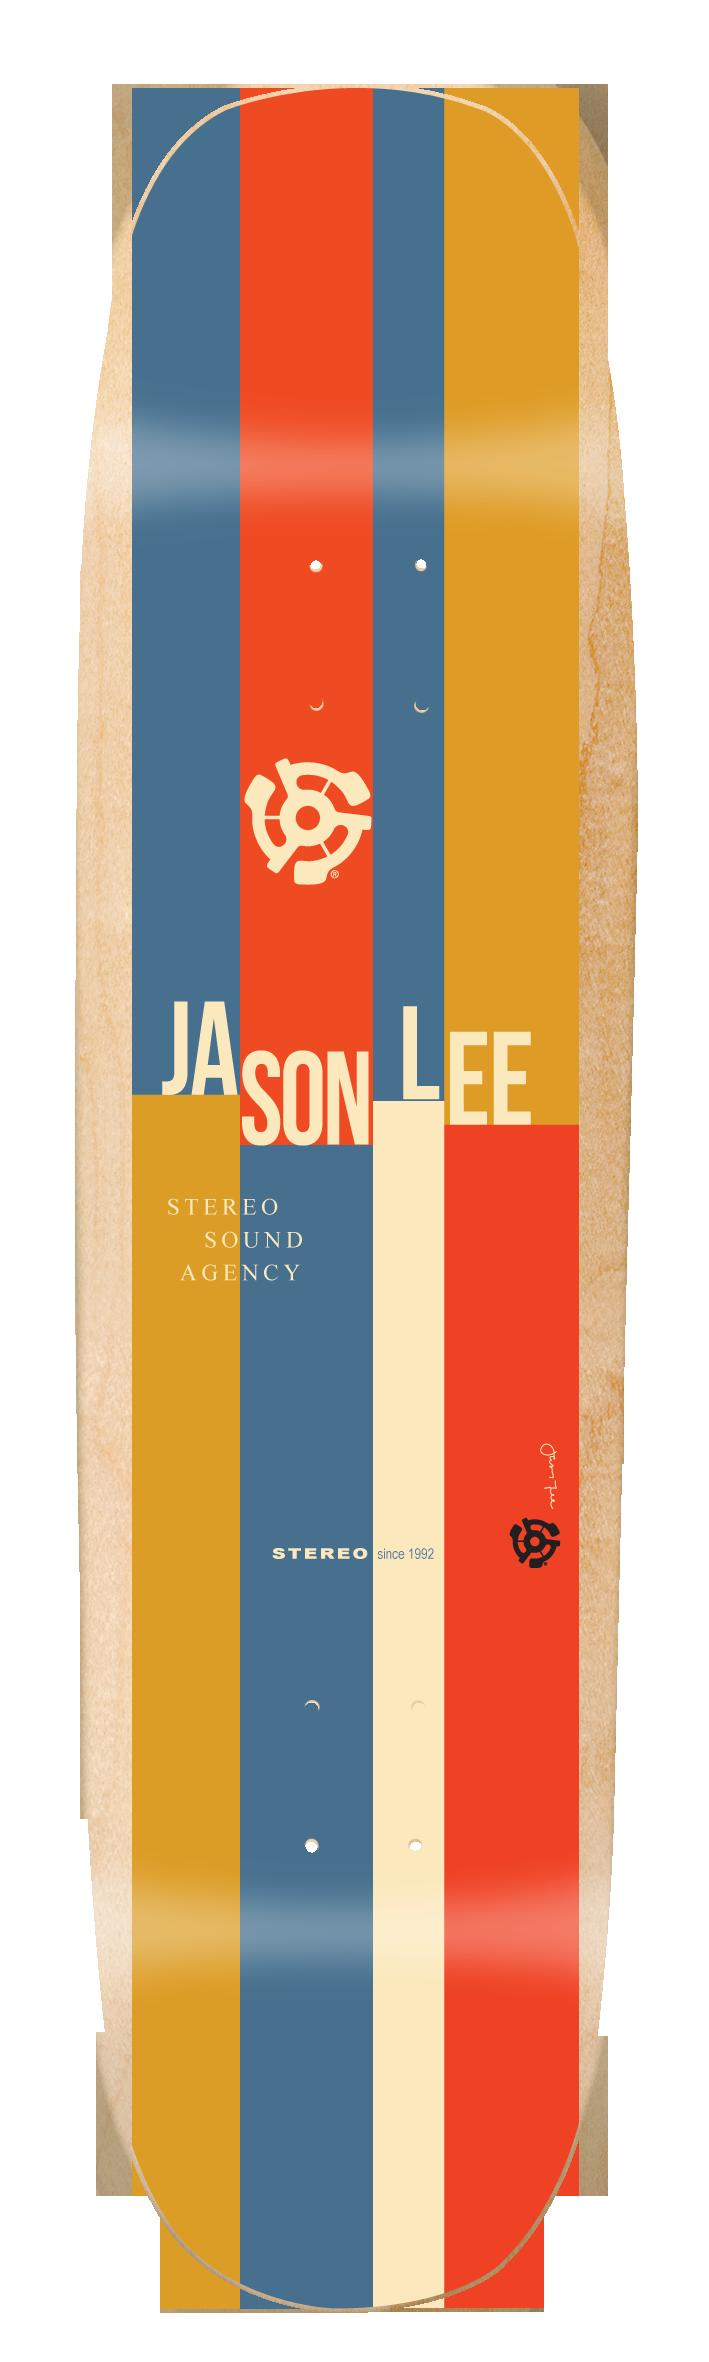 jasonlee-book-cover-mockup-z7.png